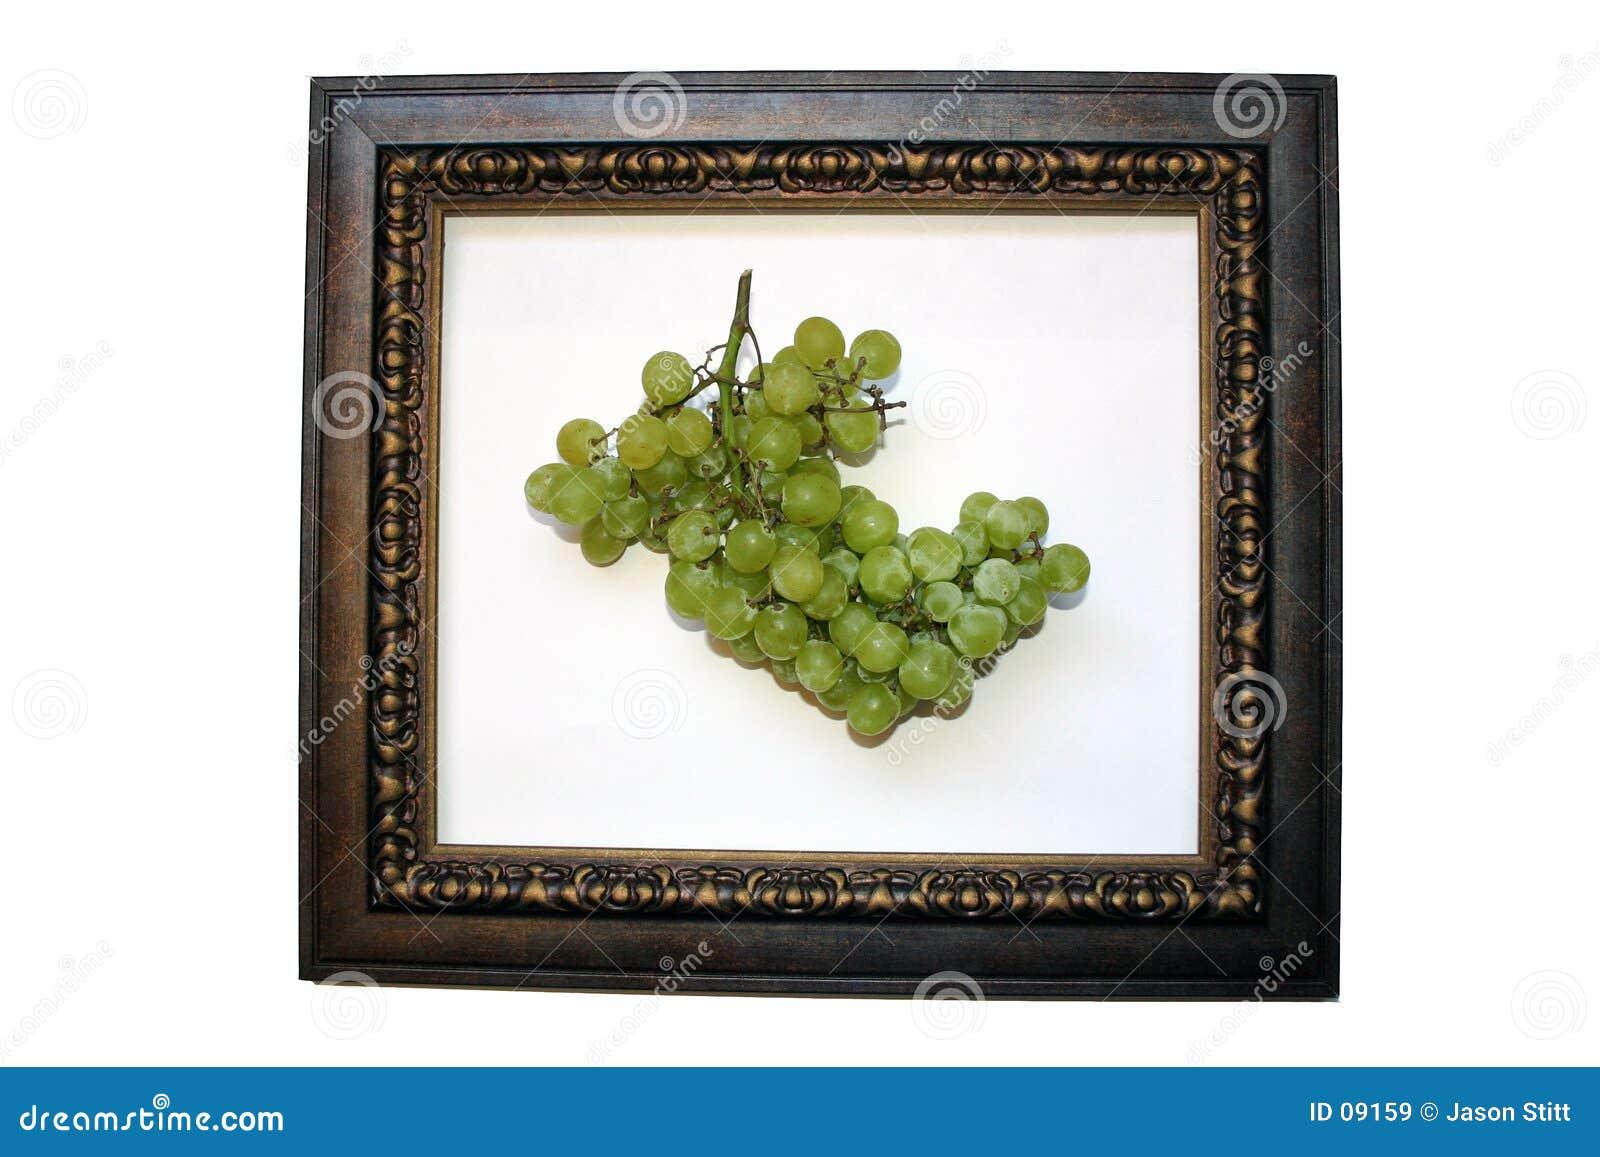 Fruit in Frame 1